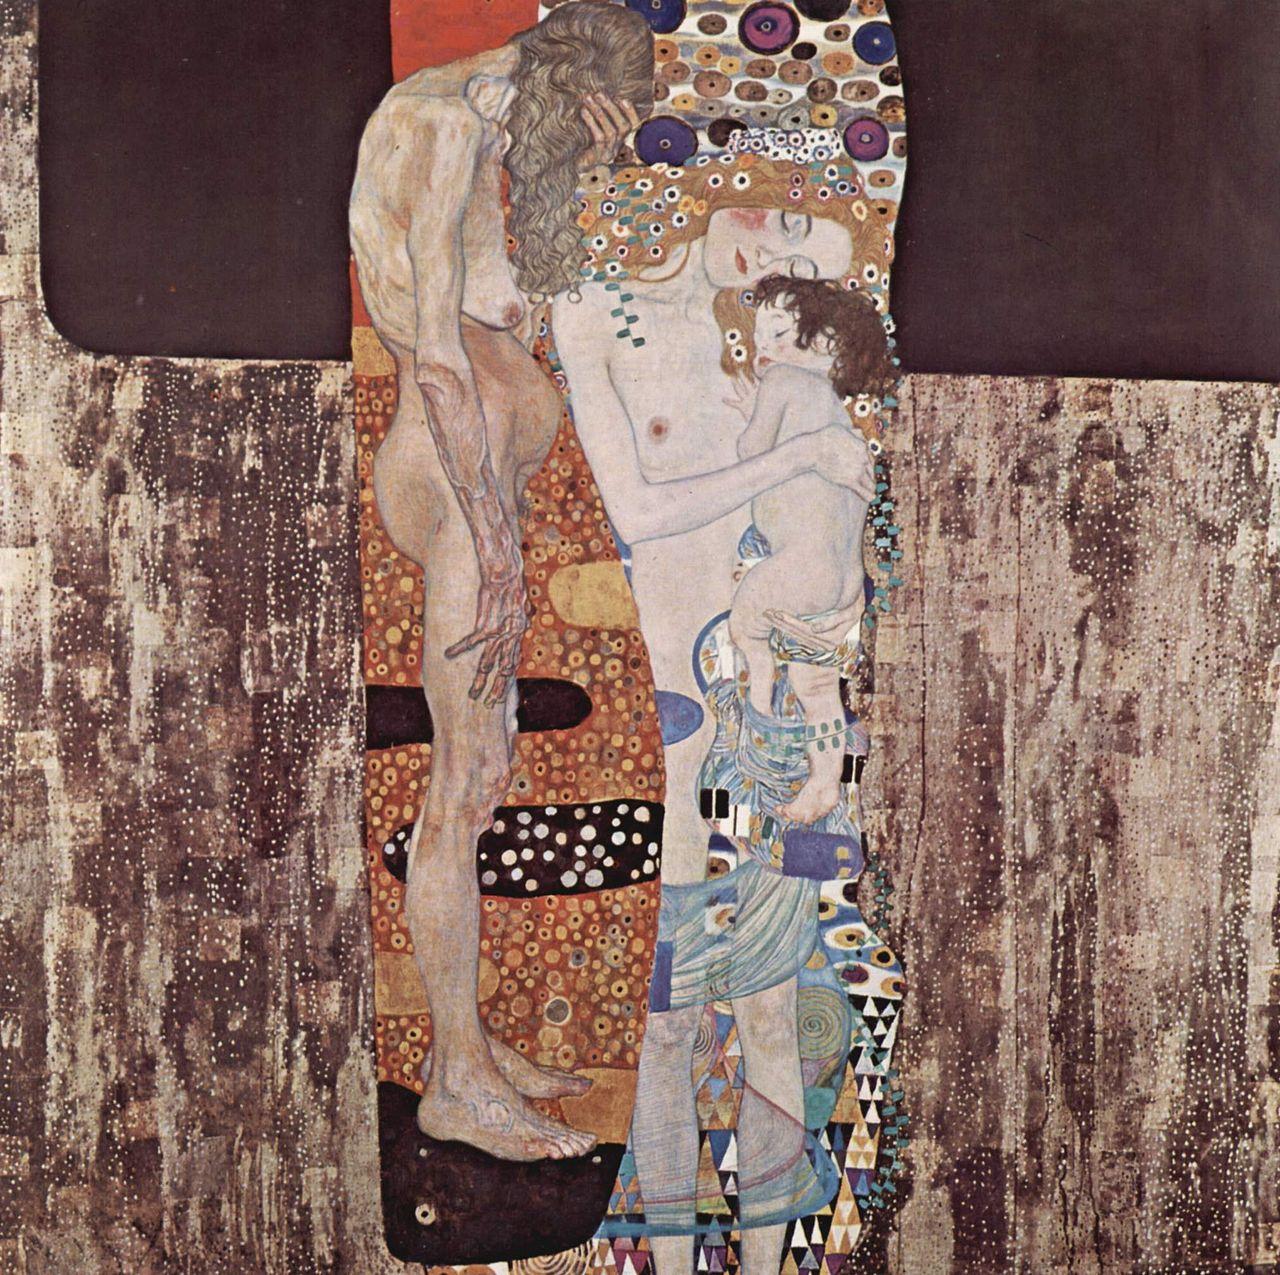 Густав Климт, 1905 год, картина «Три возраста женщины».